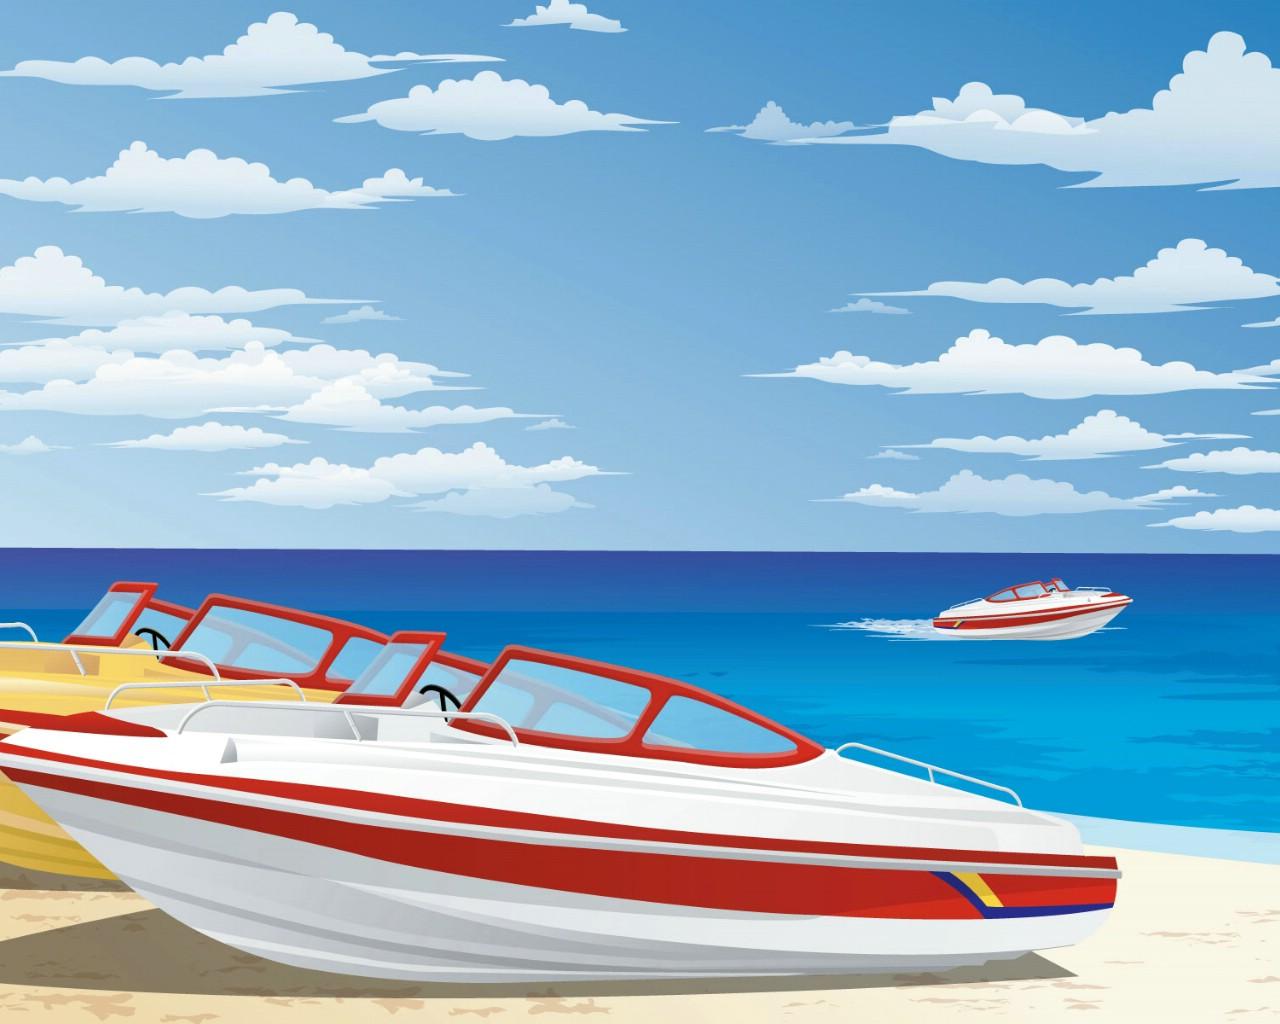 壁纸1280×1024矢量夏日海滩 1 11壁纸 矢量风光 矢量夏日海滩 第一辑壁纸图片矢量壁纸矢量图片素材桌面壁纸